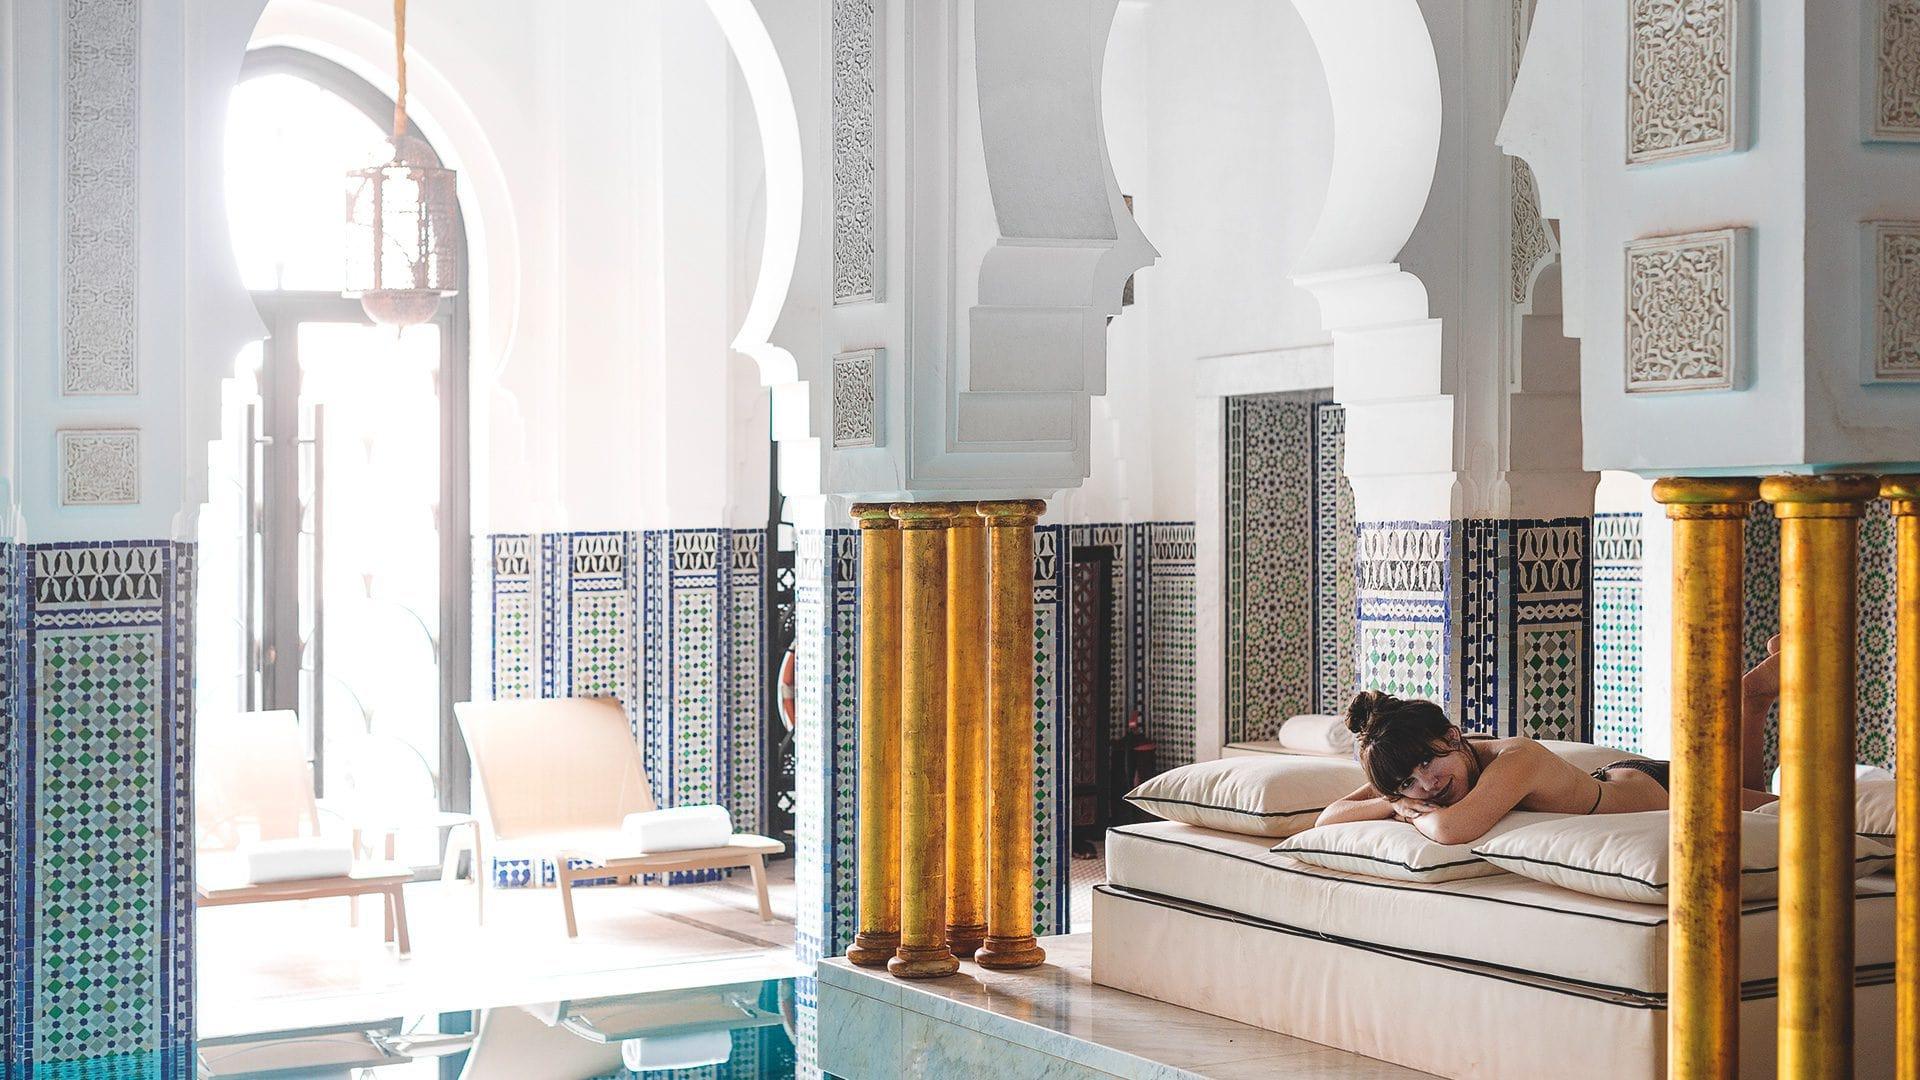 Qué ver en Marrakech en dos días | Rojo Cangrejo Blog de Viajes